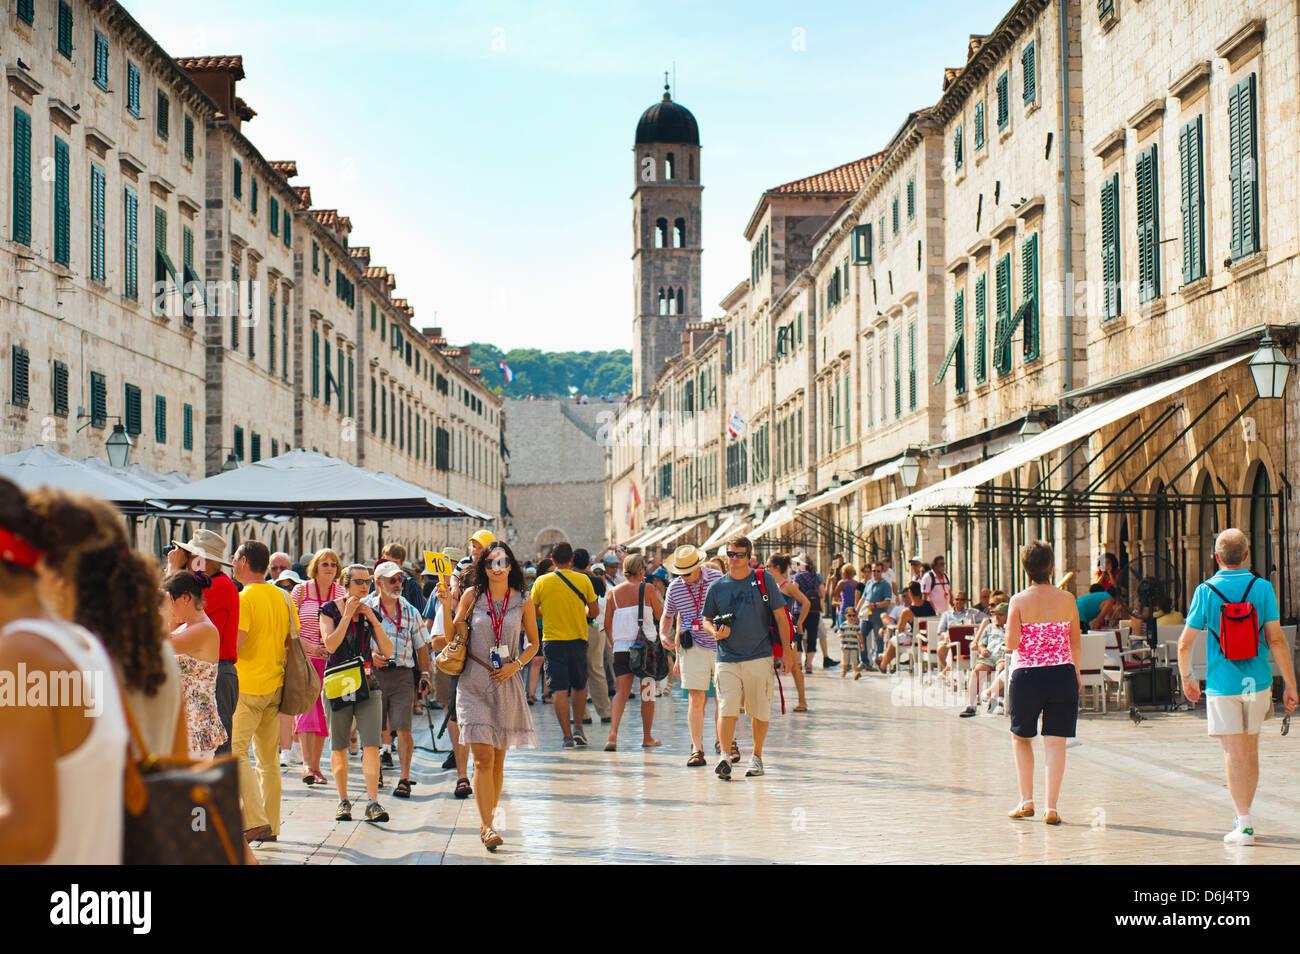 Dubrovnik City Tour auf Stradun, UNESCO-Weltkulturerbe, Altstadt von Dubrovnik, Dubrovnik, Kroatien Stockbild